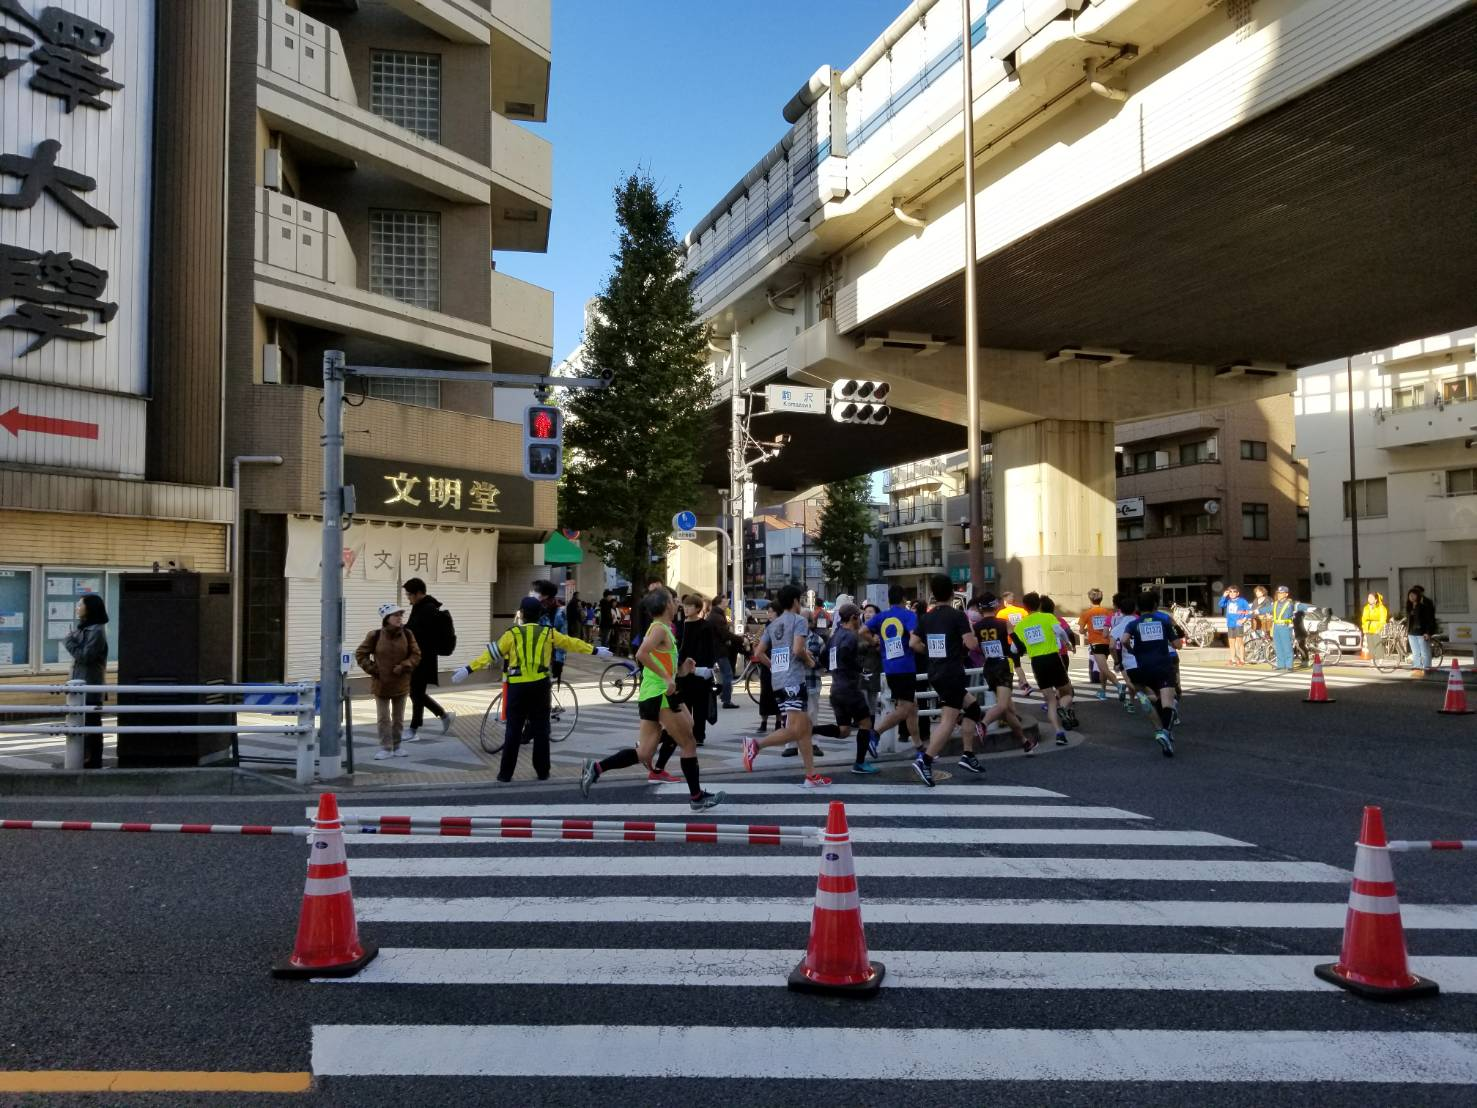 今日は駒沢にランナーが大集合!